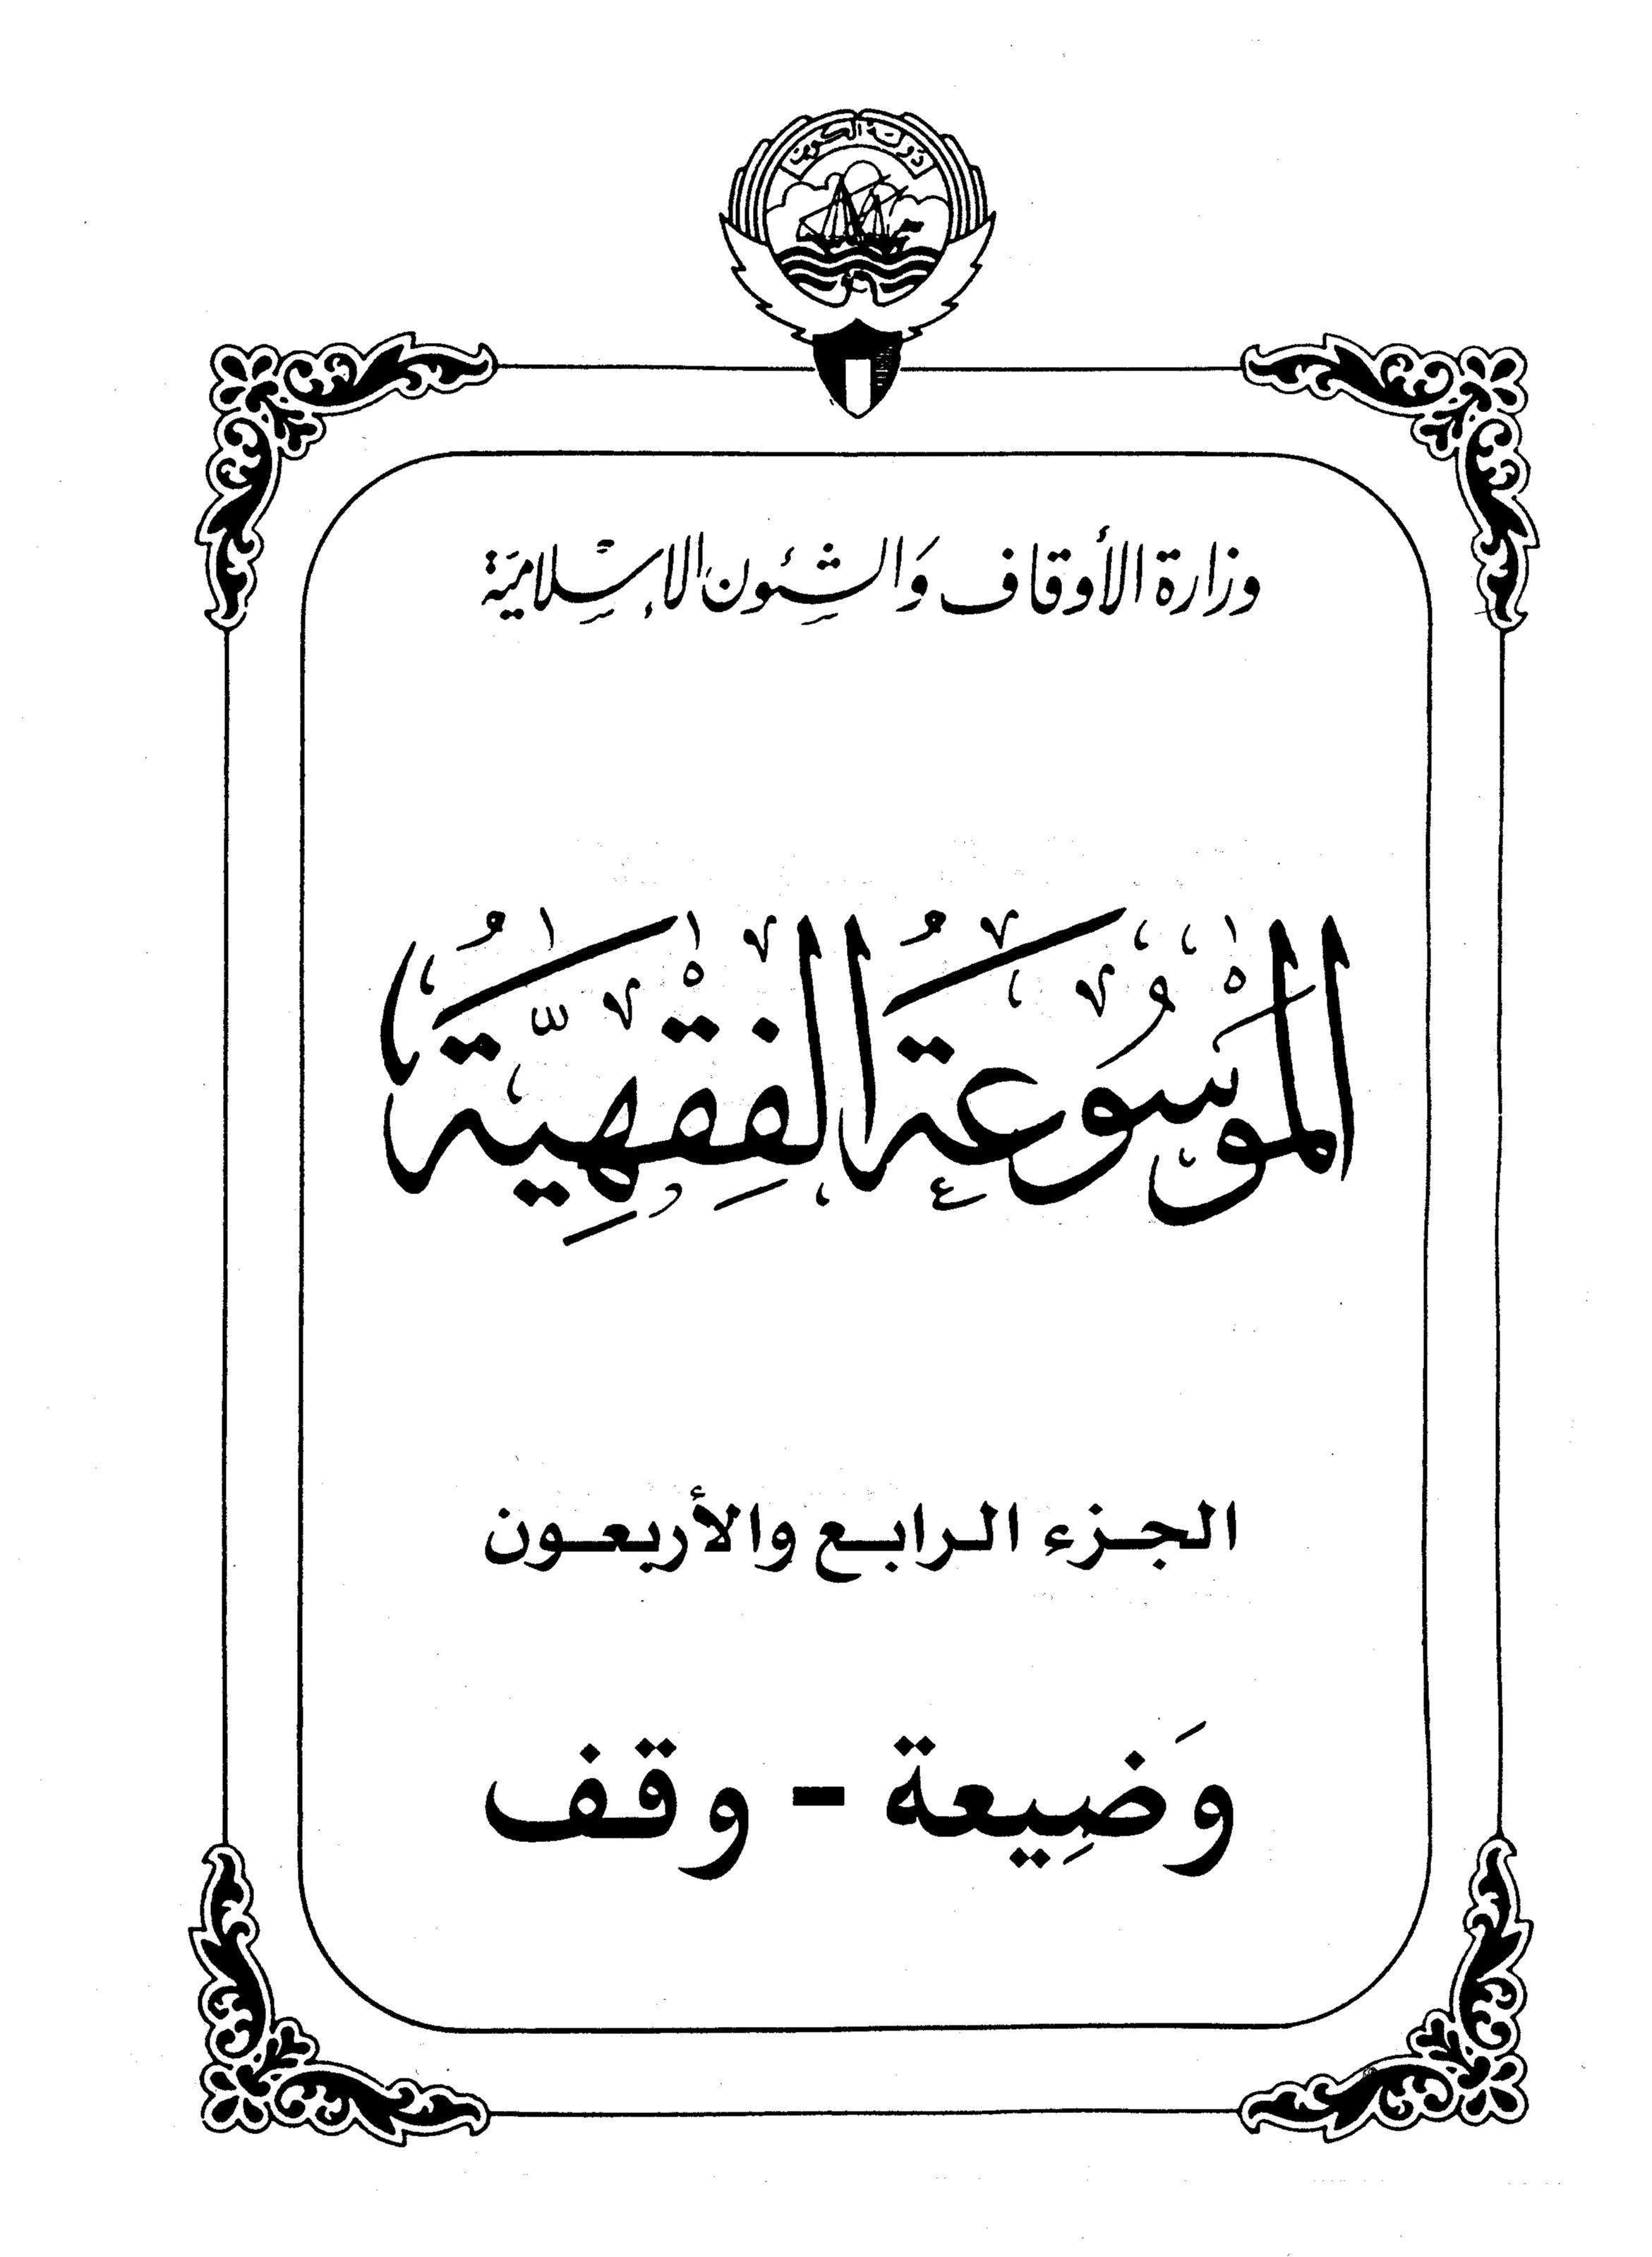 الموسوعة الفقهية الكويتية- الجزء الرابع والأربعون (وضيعة - وقف)